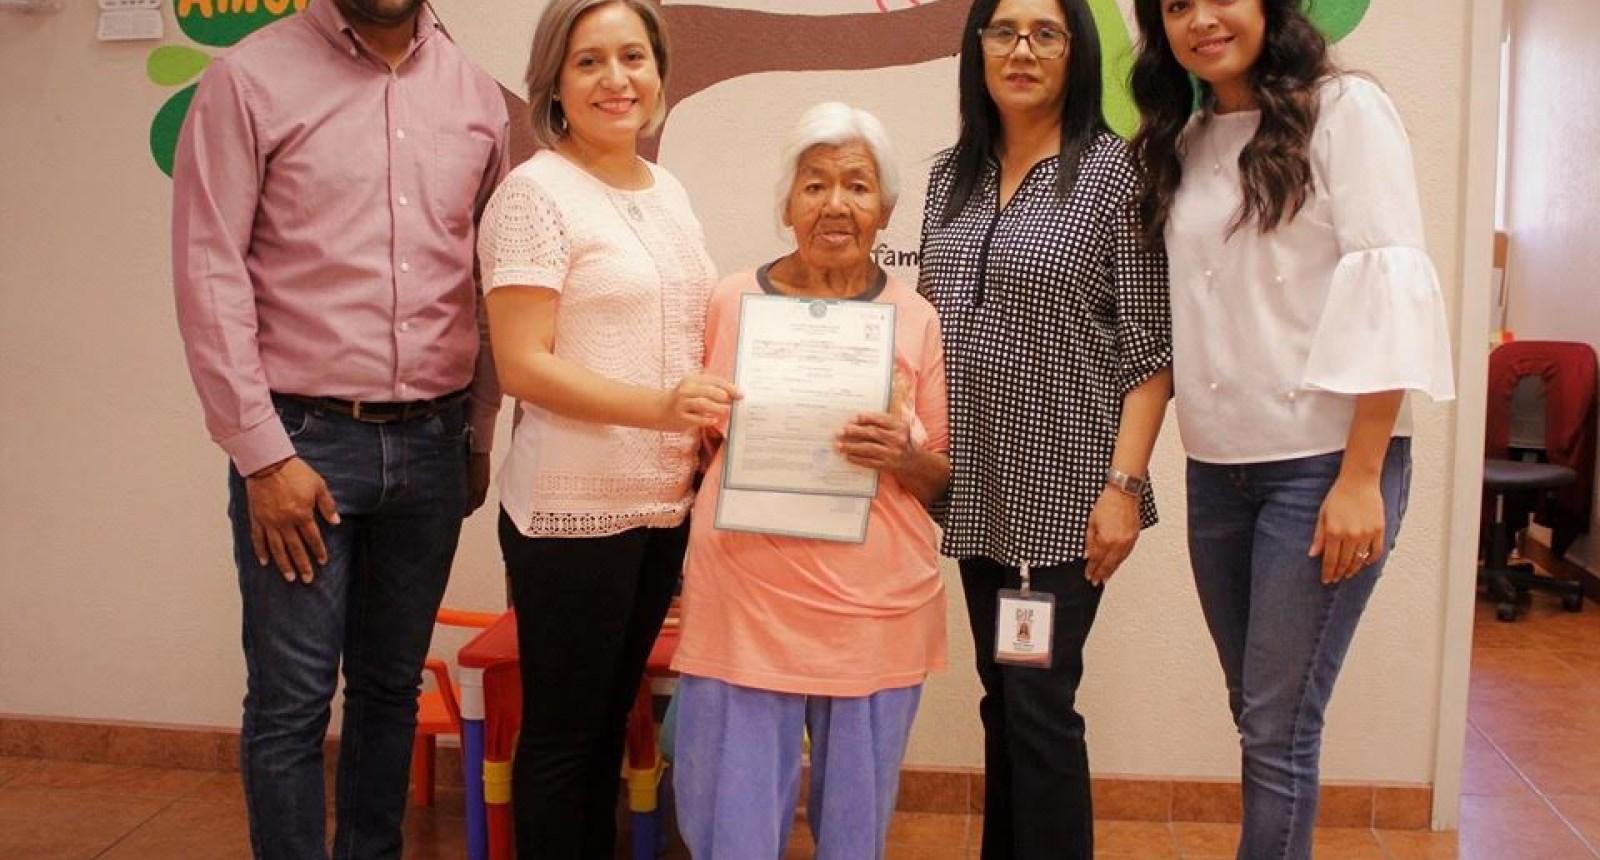 Otorga DIF identidad a mujer de 74 años